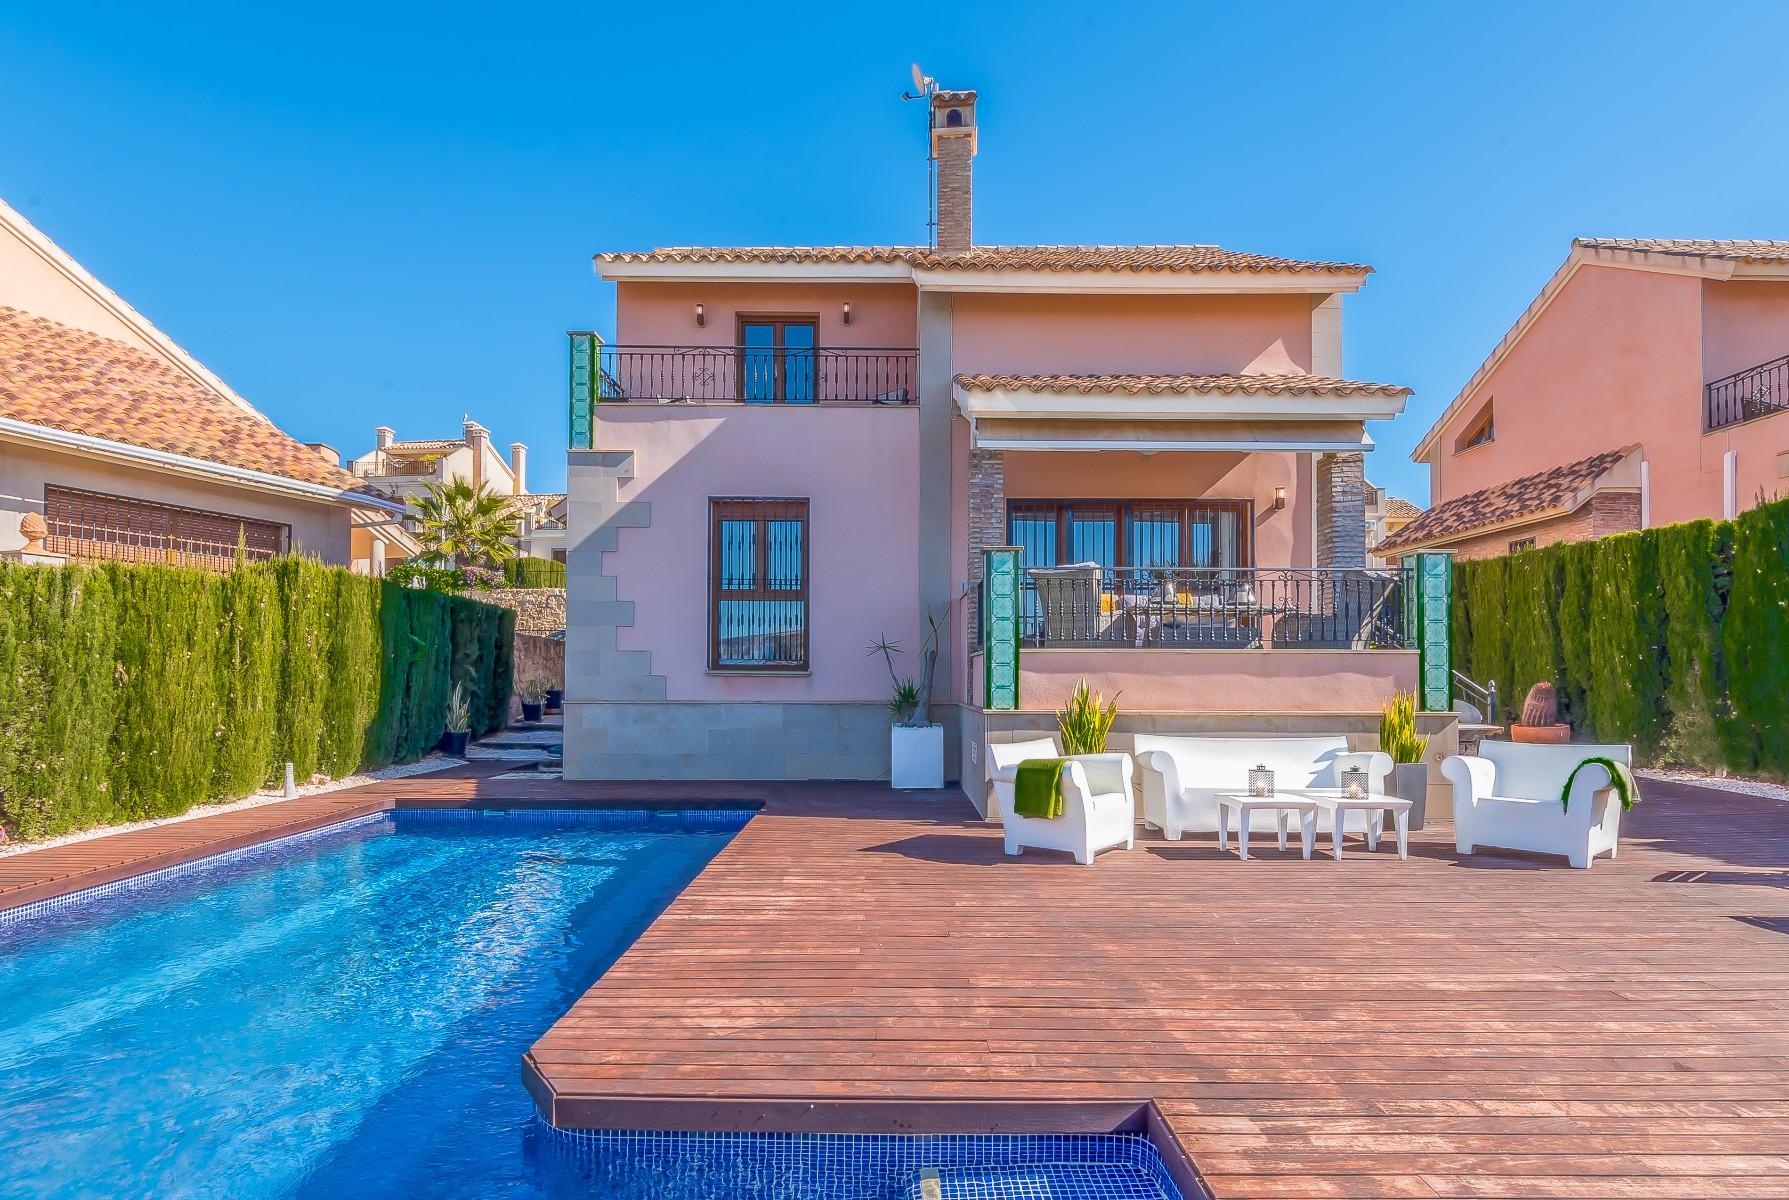 Ref:KT-43602 Villa For Sale in Algorfa